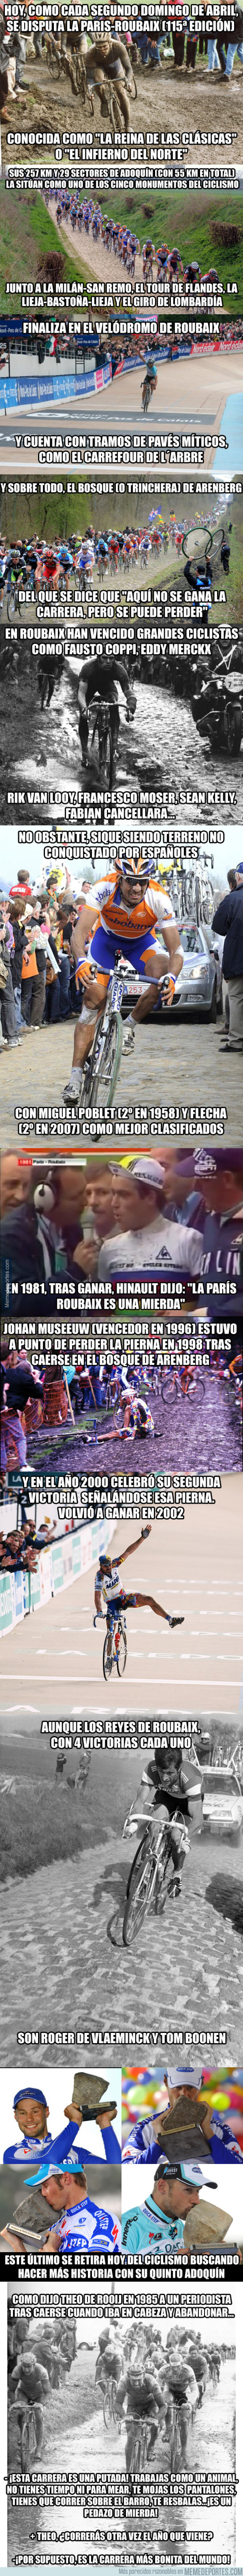 965920 - La París-Roubaix, el infierno del norte